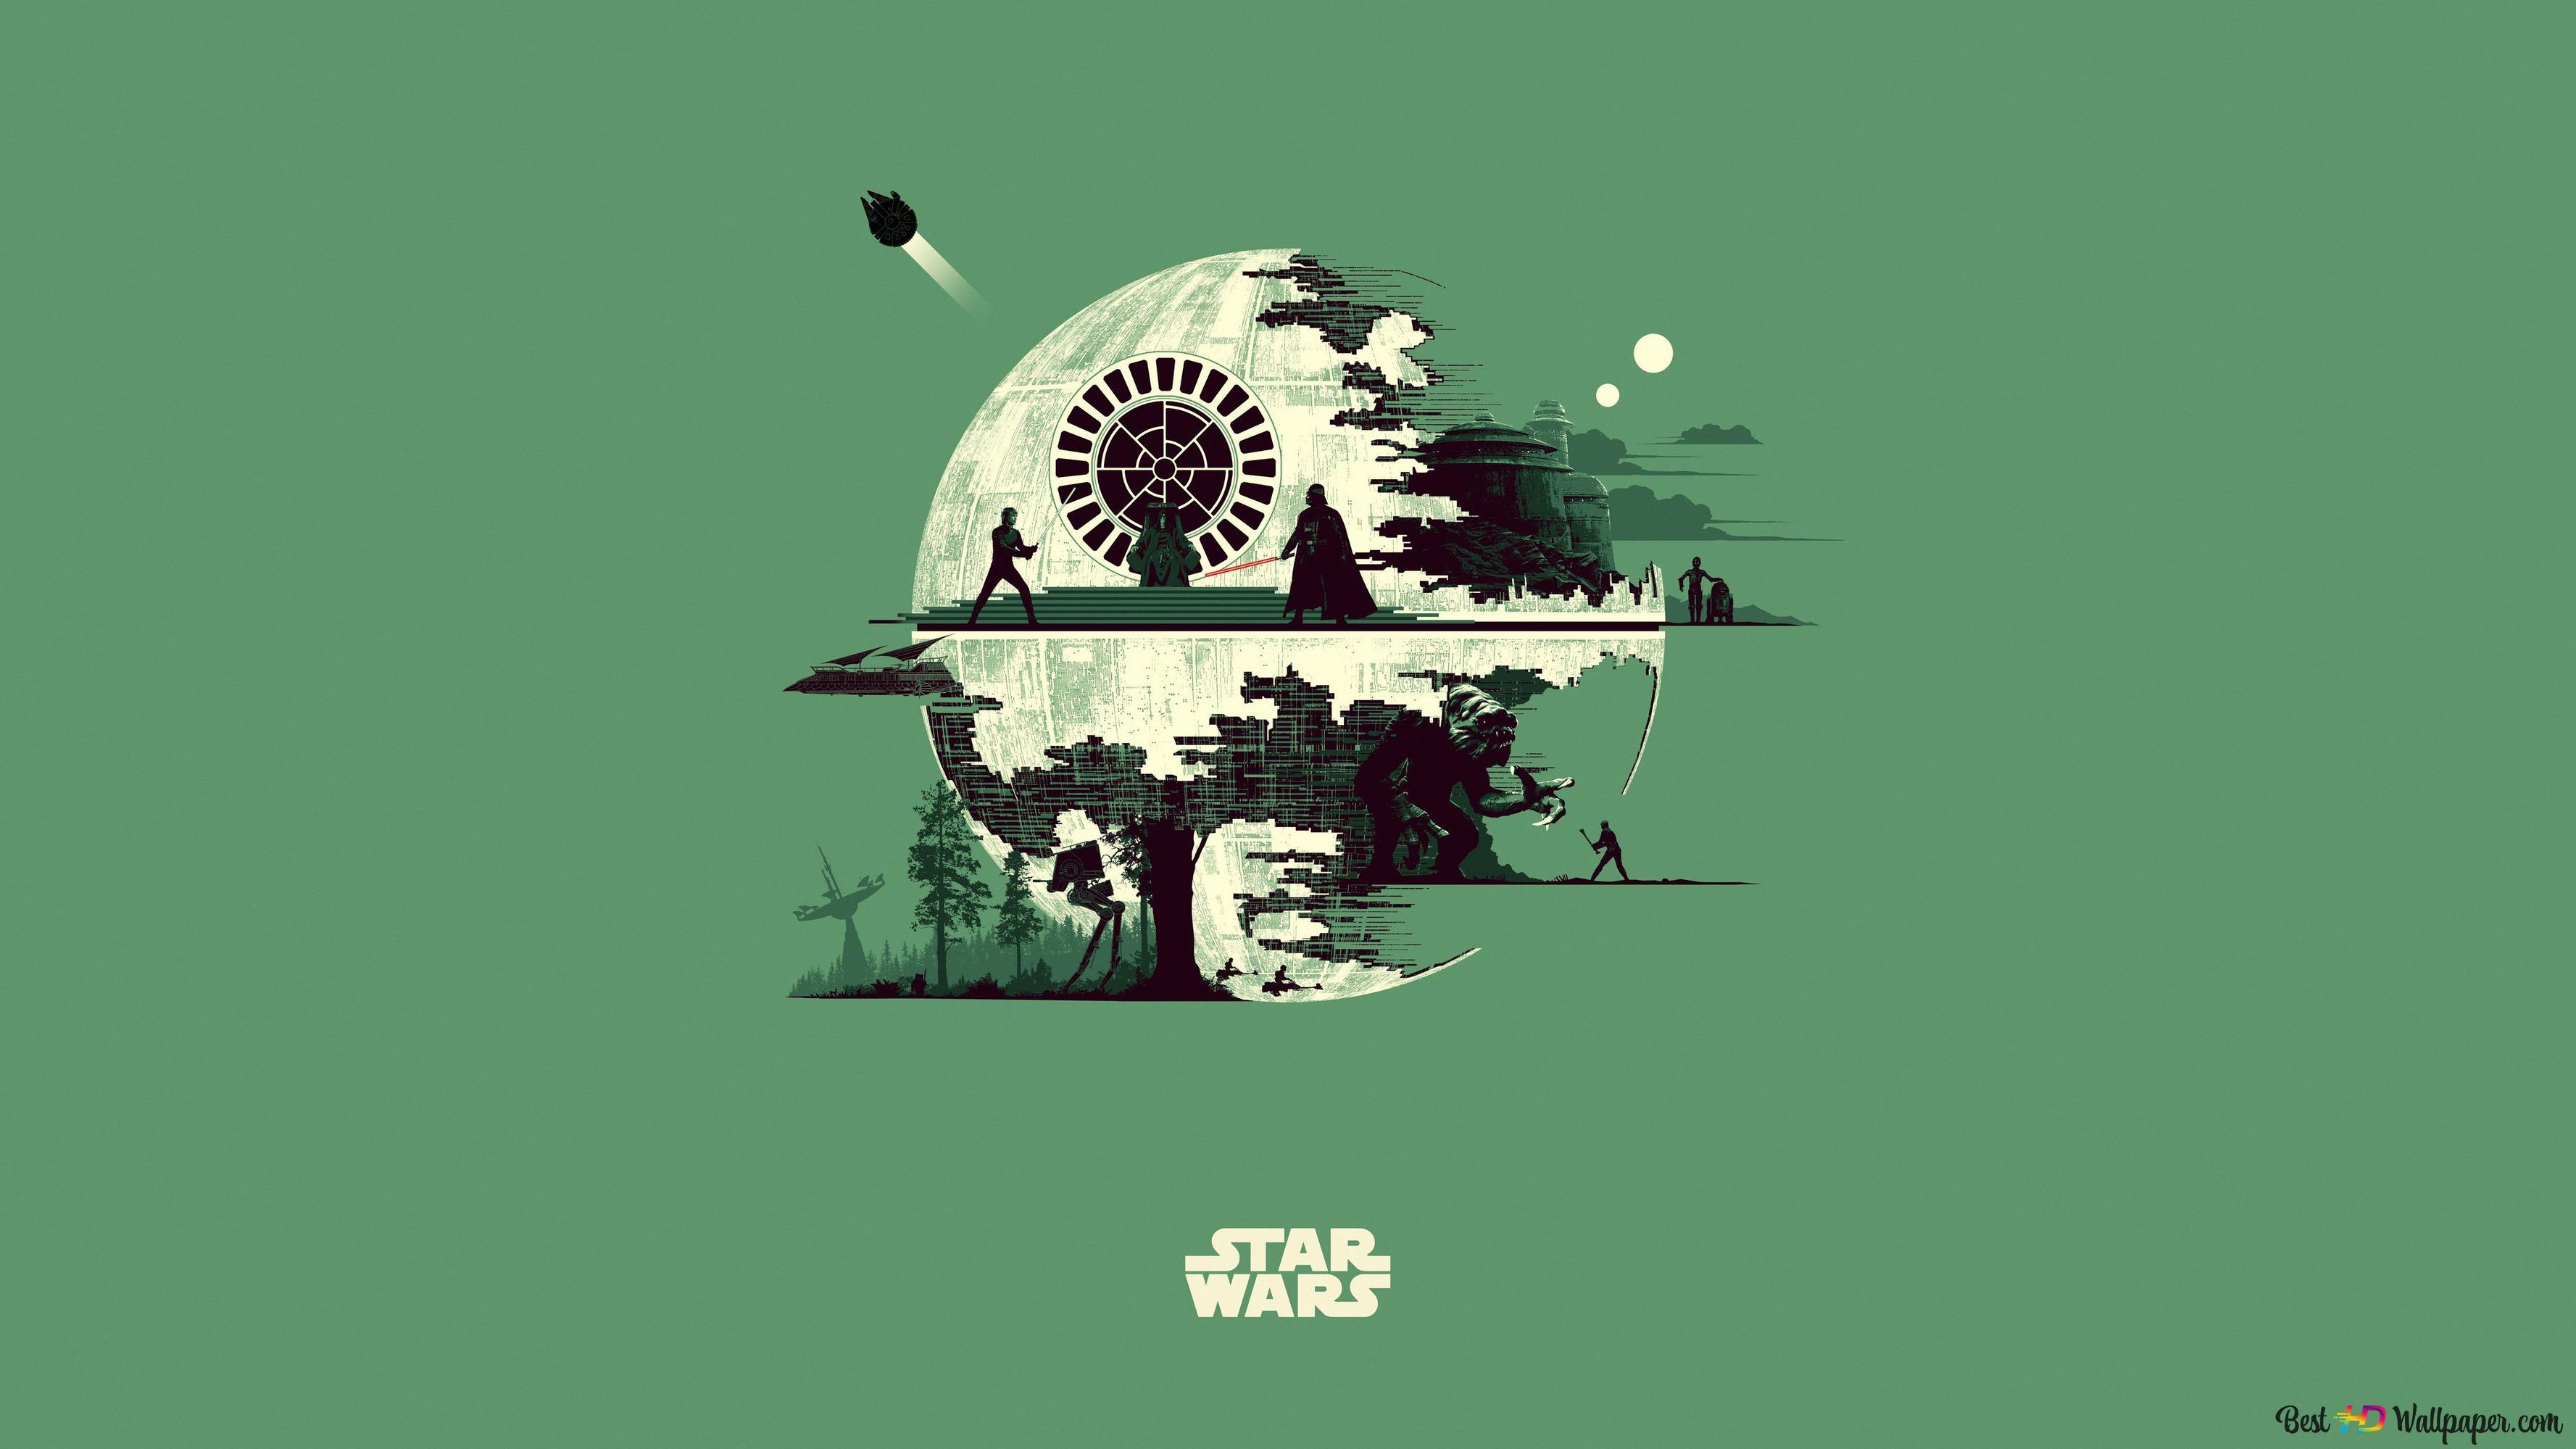 Death Star Star Wars Hd Wallpaper Download